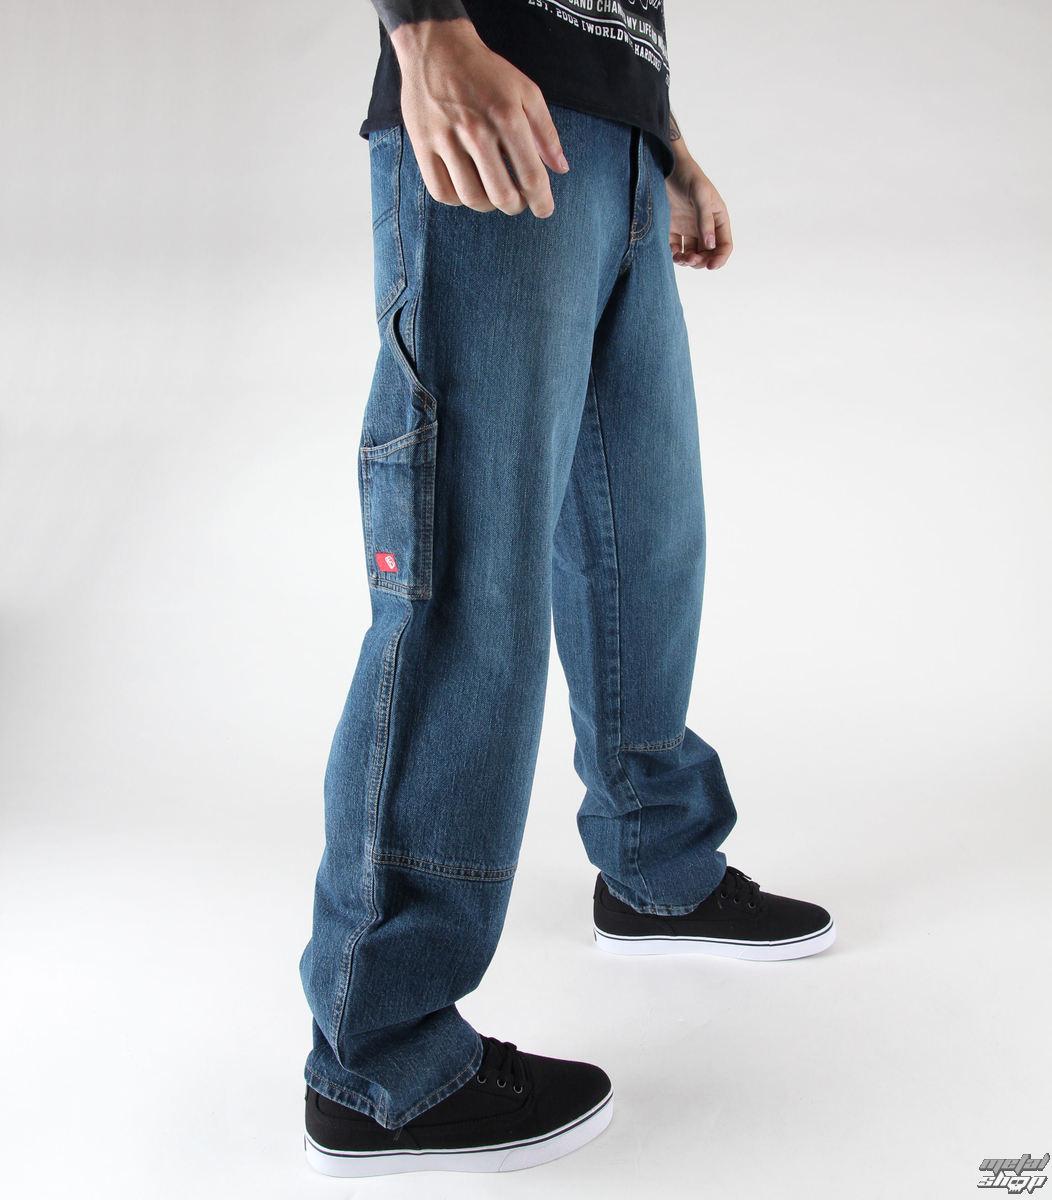 nohavice pánske (jeansy) FUNSTORM - P-135 - 03